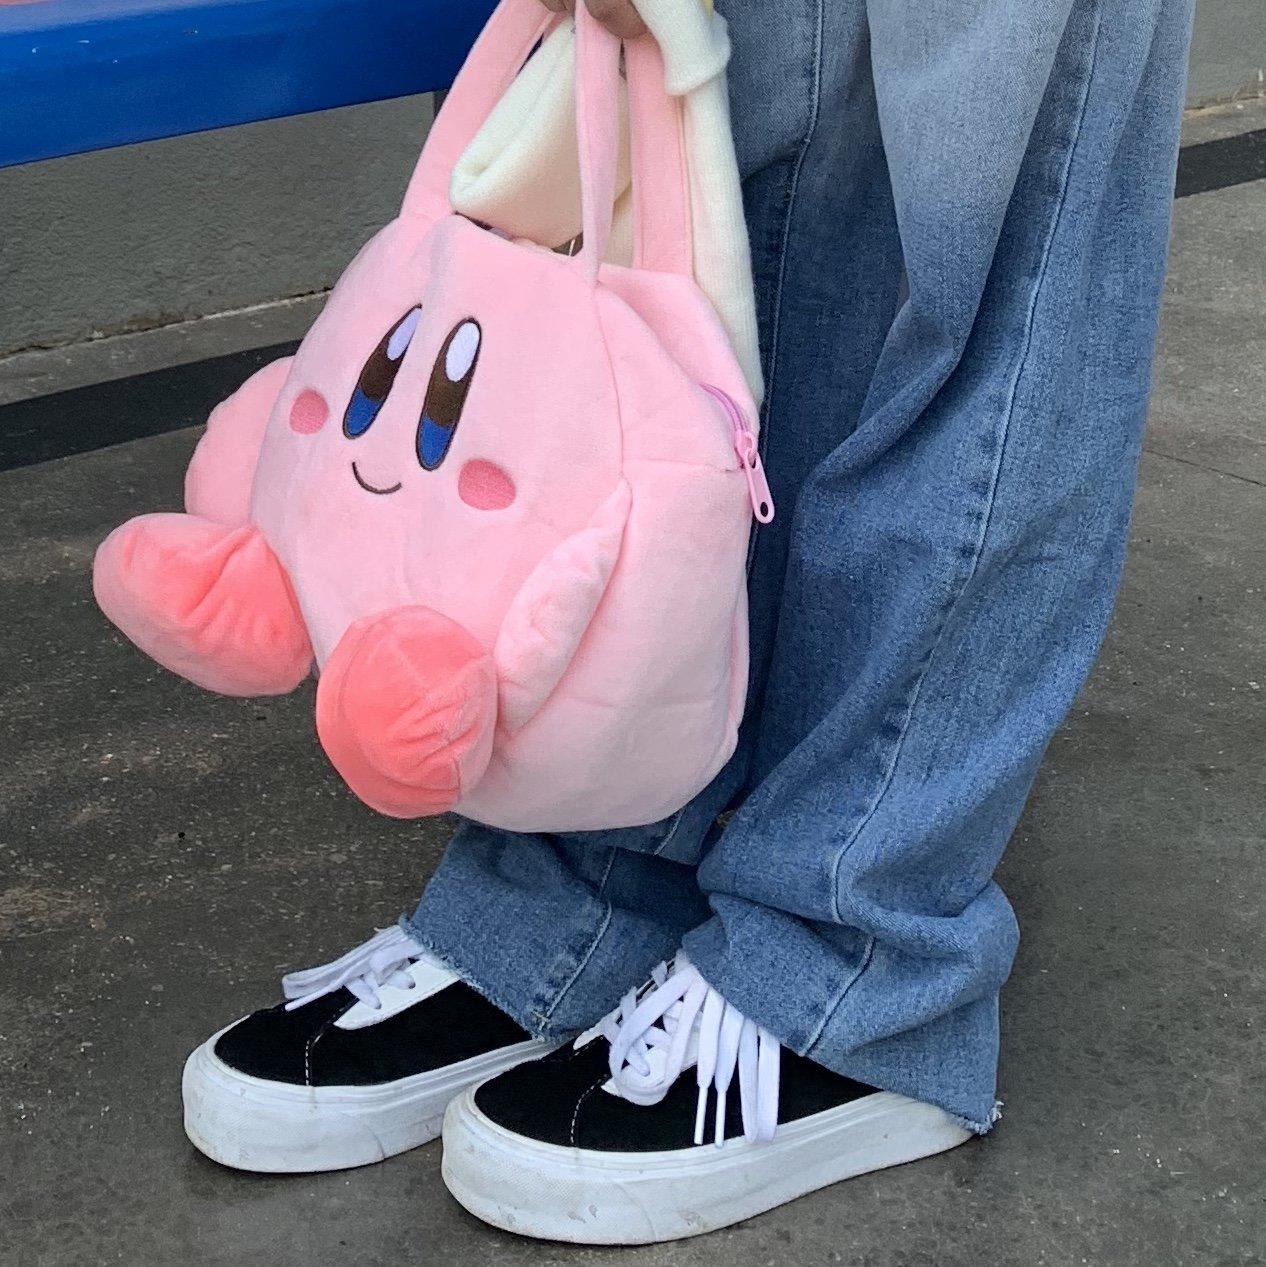 粉红色手提包 没你有钱 星之卡比kirby手提包可爱粉红色毛绒便当包公仔玩偶卡通_推荐淘宝好看的粉红色手提包